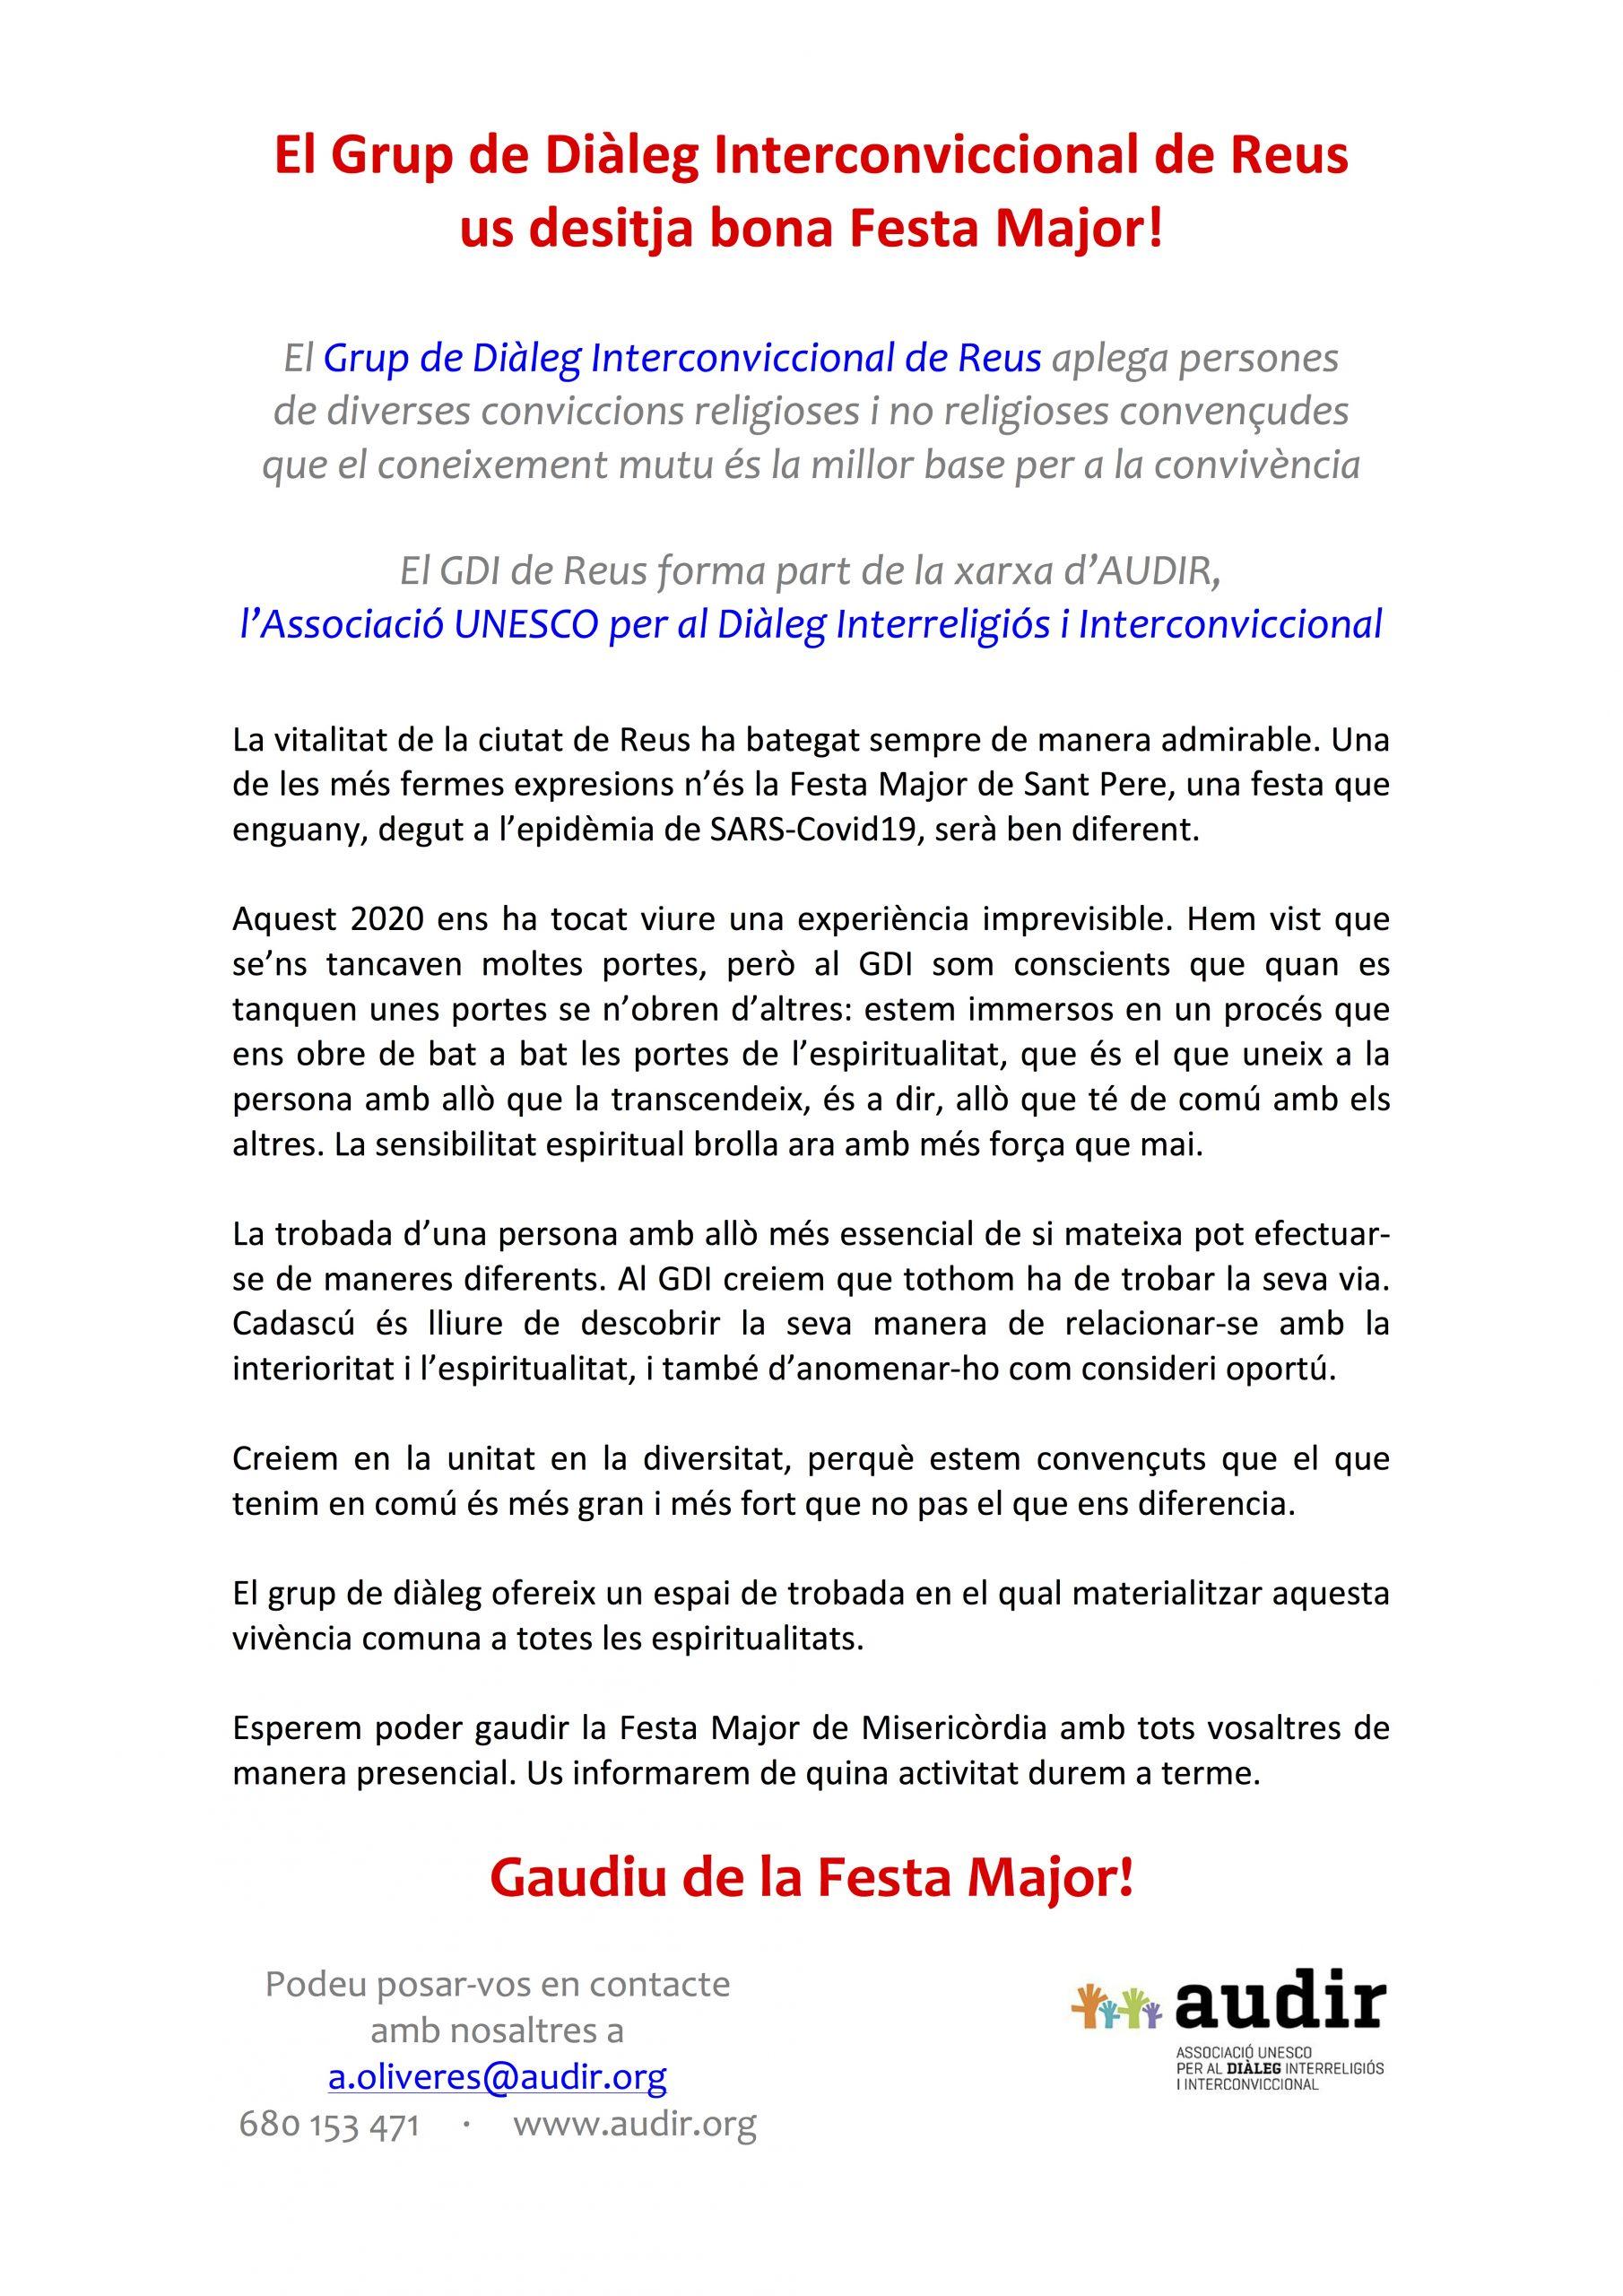 El GDI de Reus us deitja bona Festa Major!